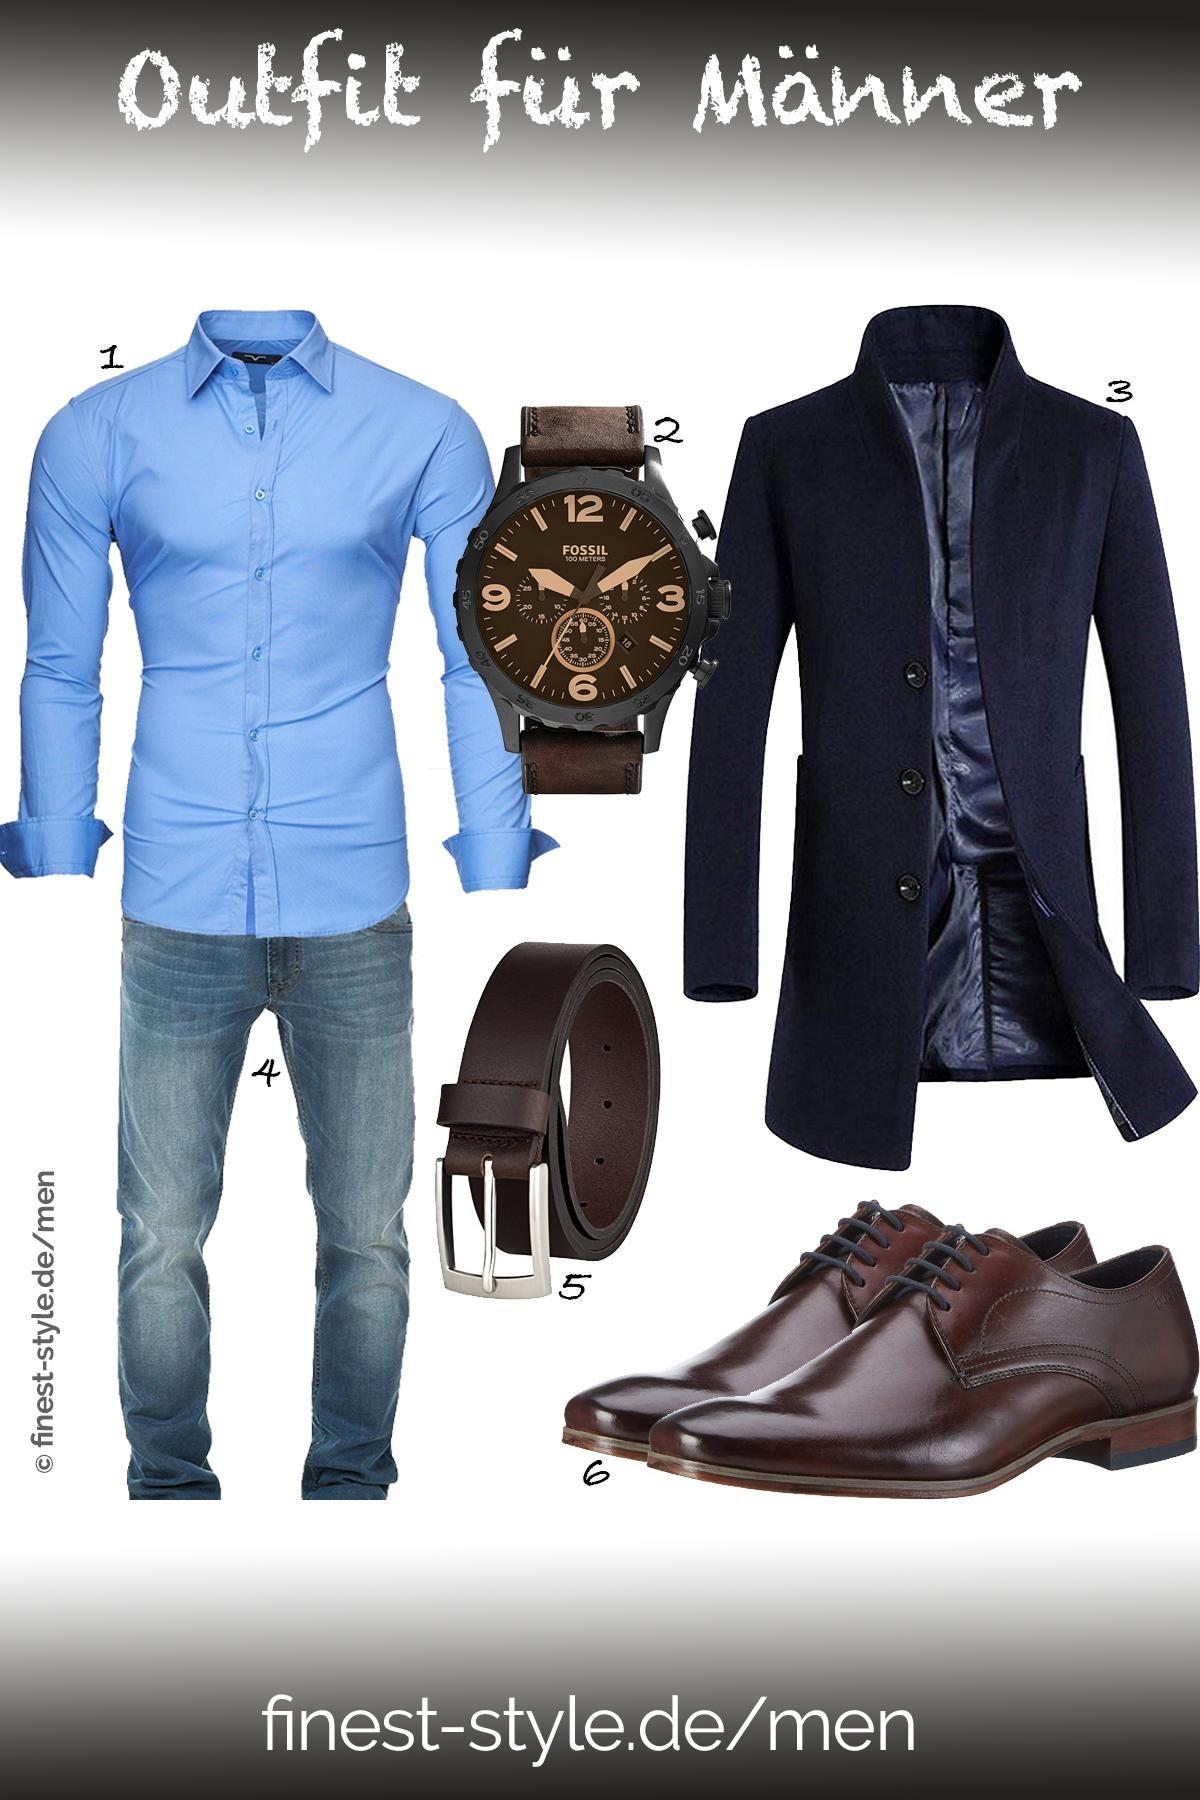 b408cc95c5075e Outfit für Männer mit Einzelteilen von Kayhan, Fossil, Bugatti ...